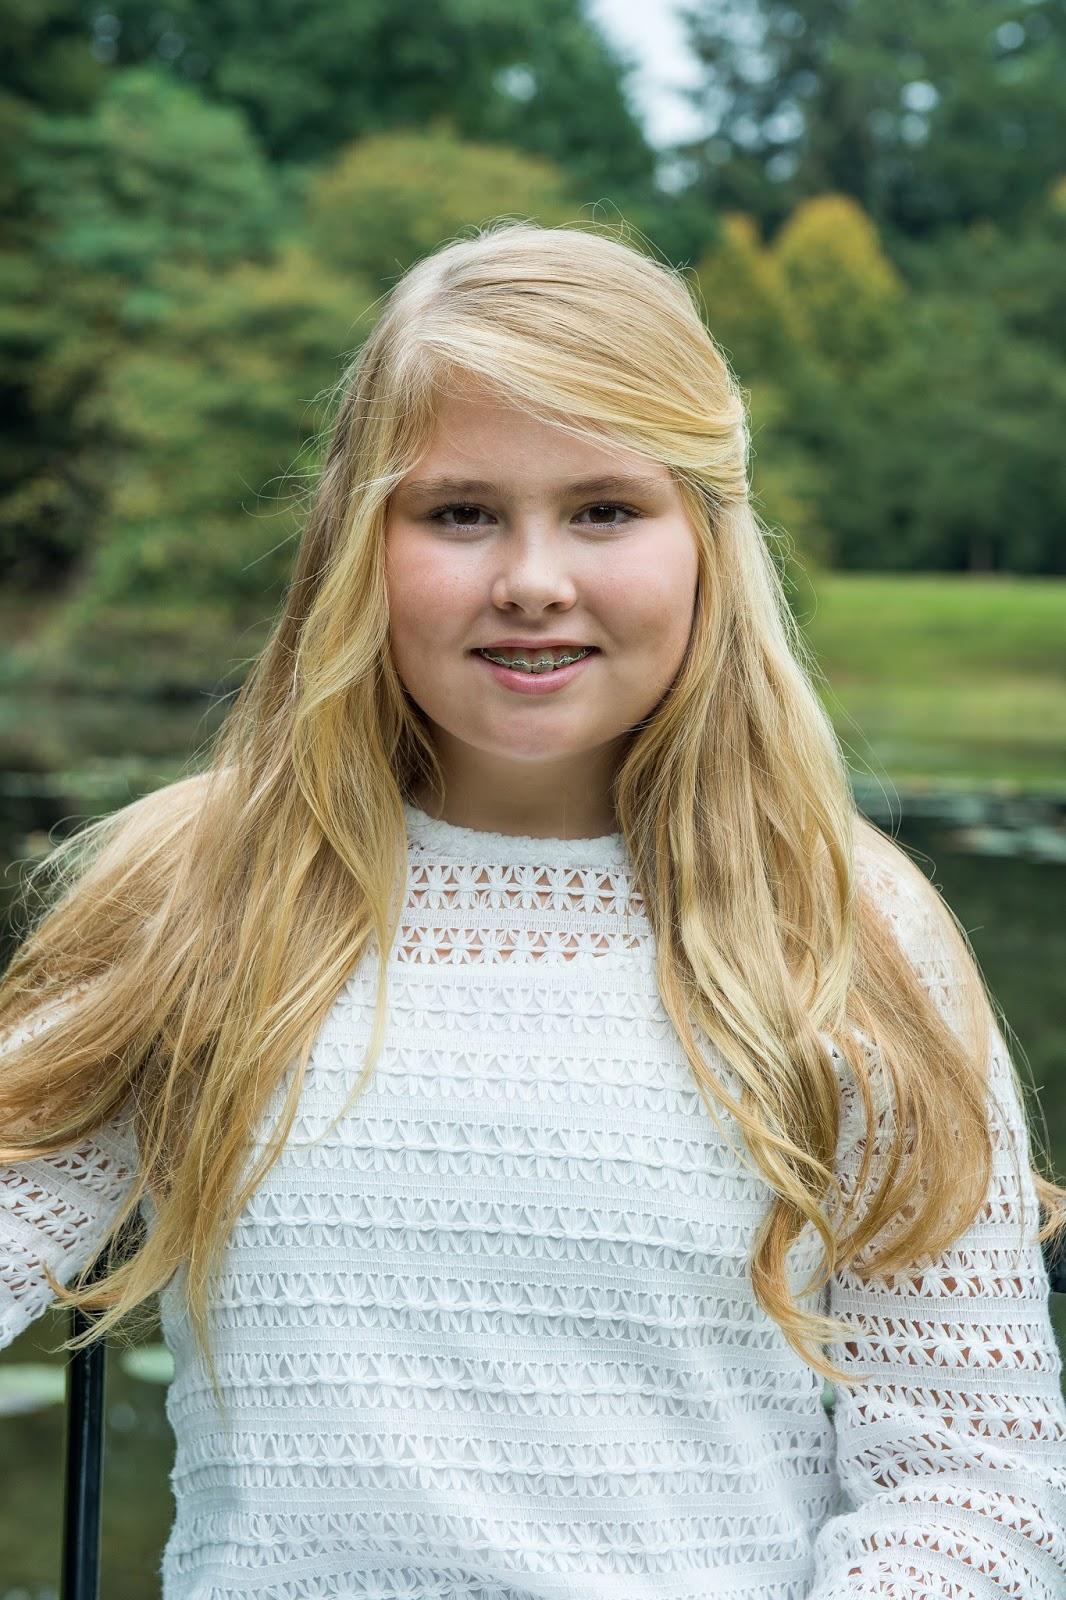 Fotos de la princesa amalia de holanda 8